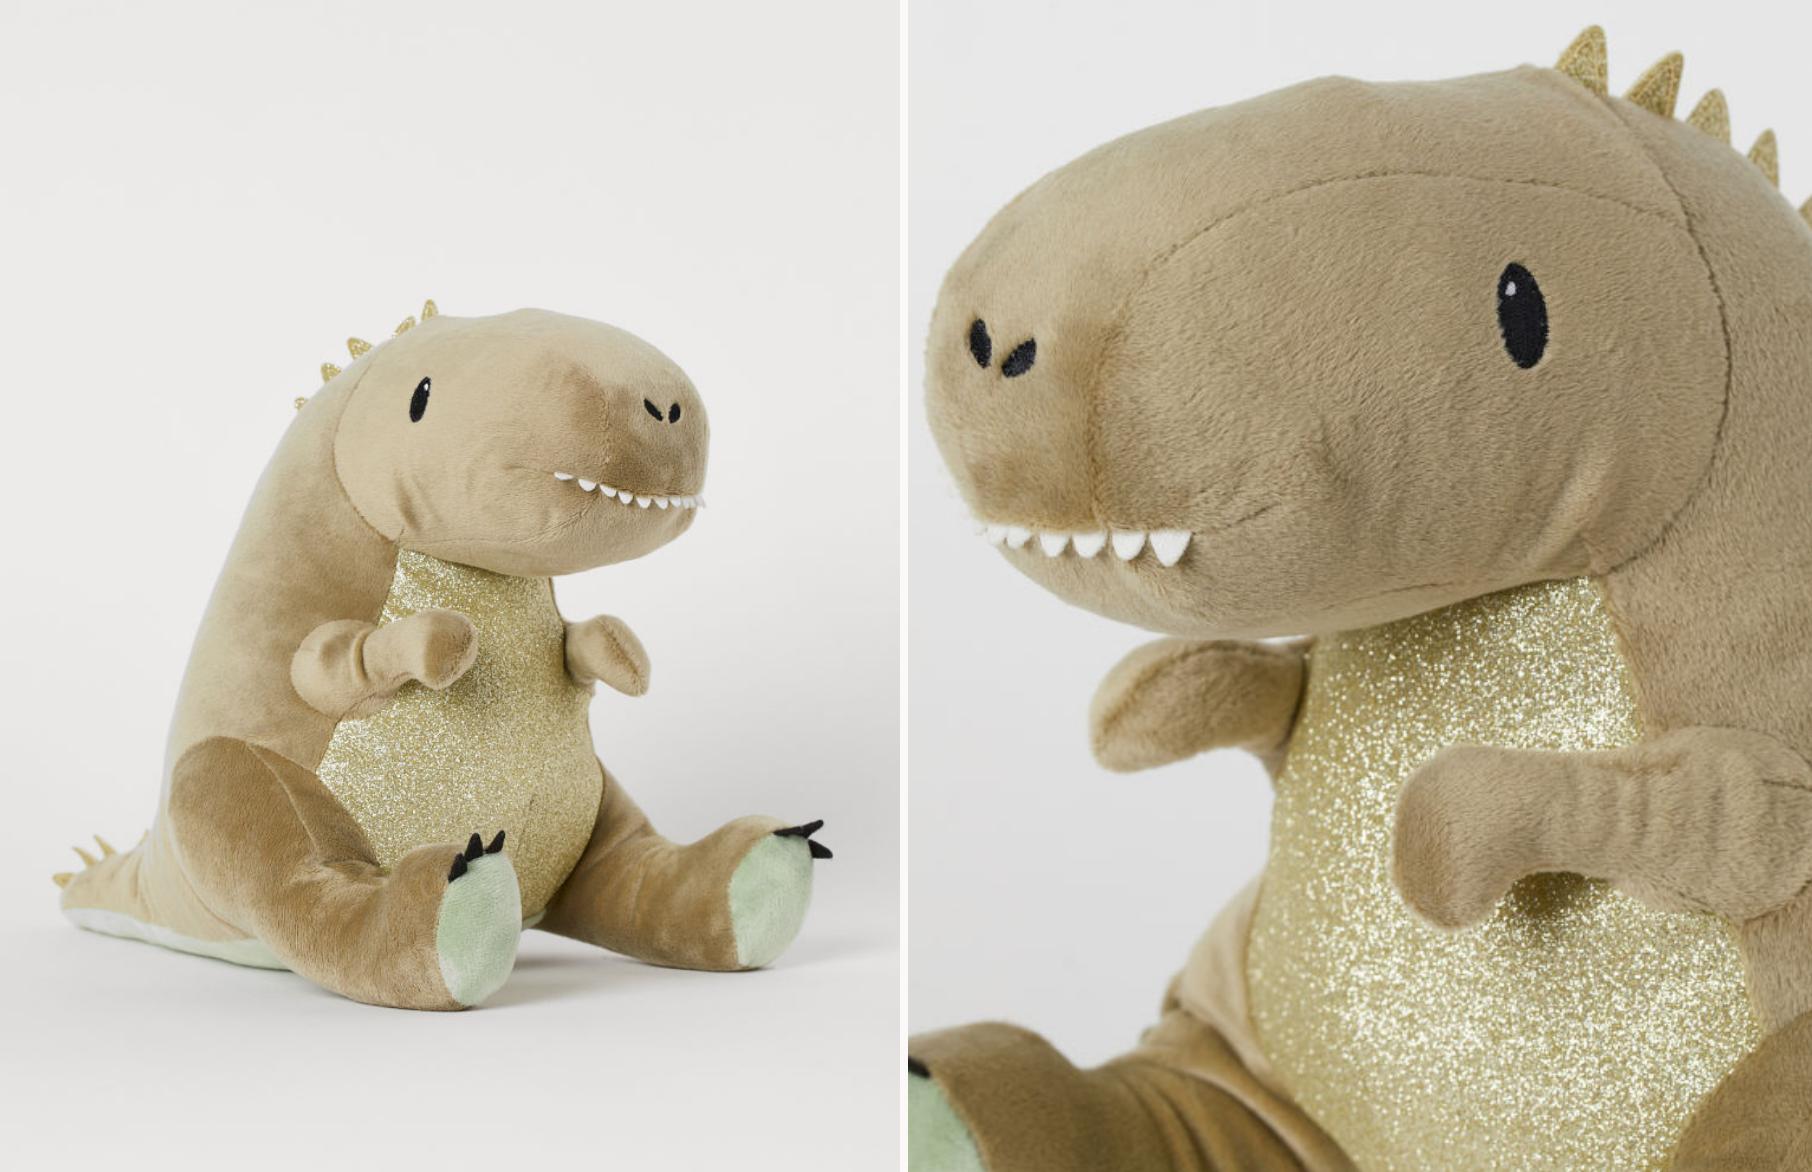 Динозавр, имя неизвестно. Скриншот с сайта H&M Home